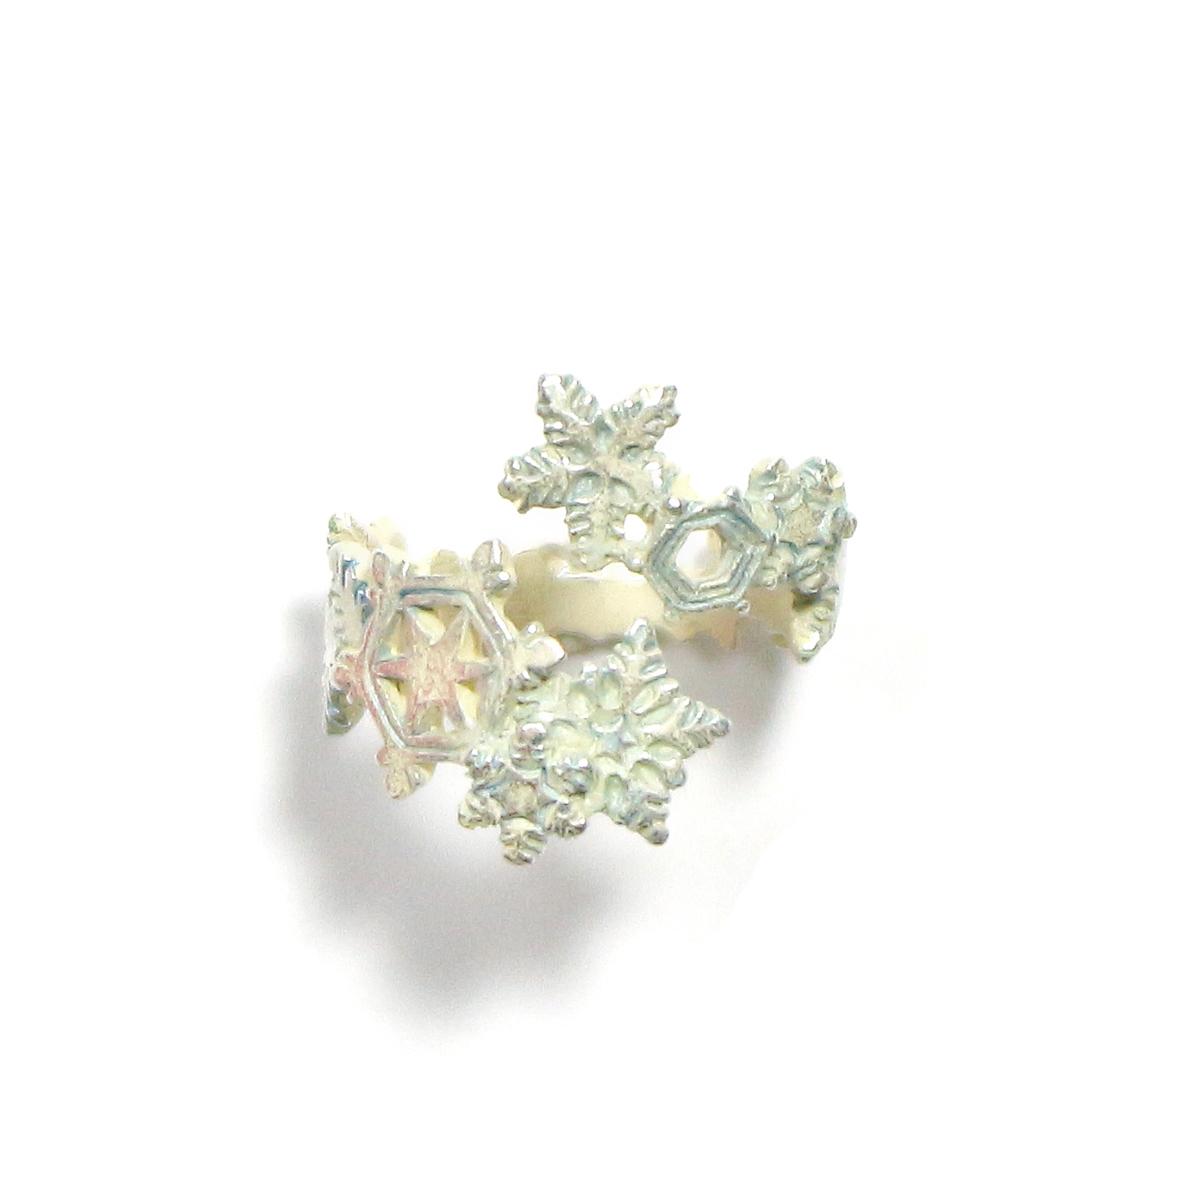 【9月誕生色モチーフ】ダイアモンドダストリング/ リング(フリーサイズ)